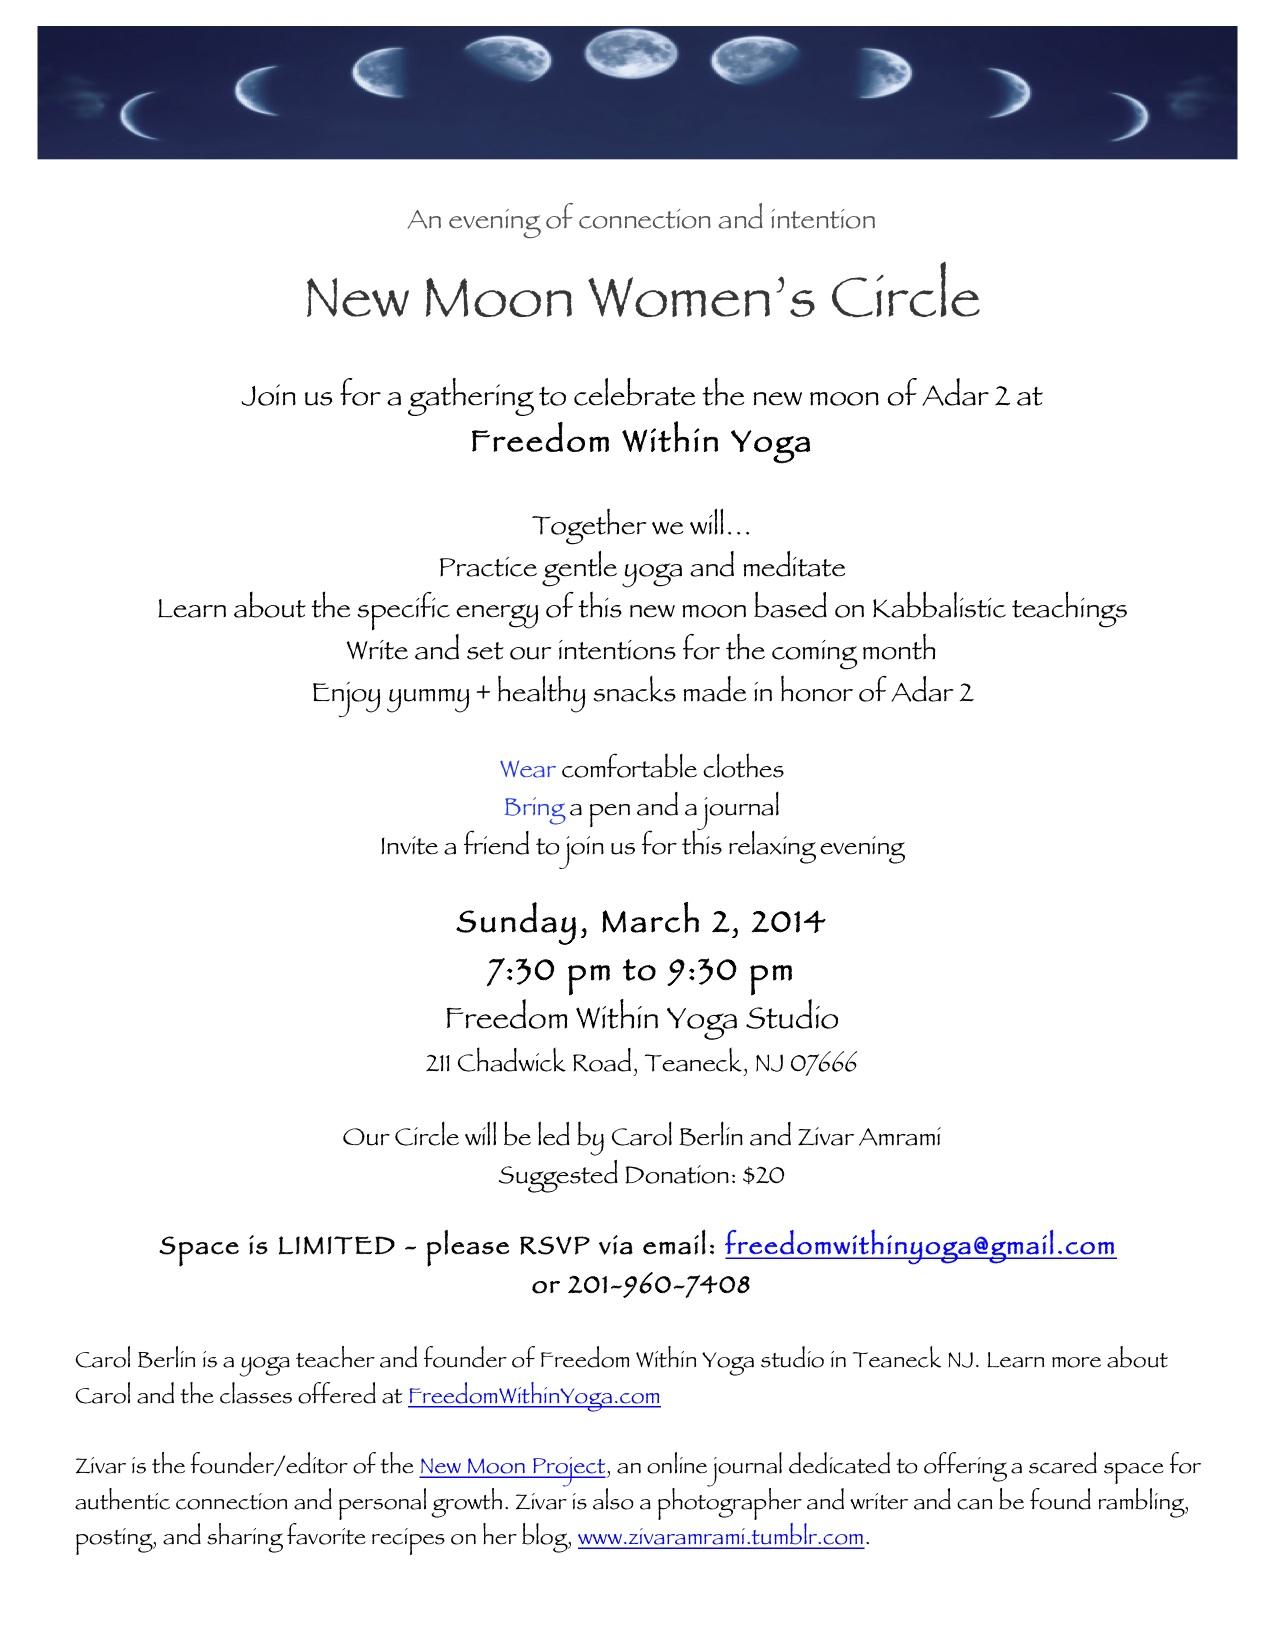 New Moon Updated 2.20.14 V2.jpg